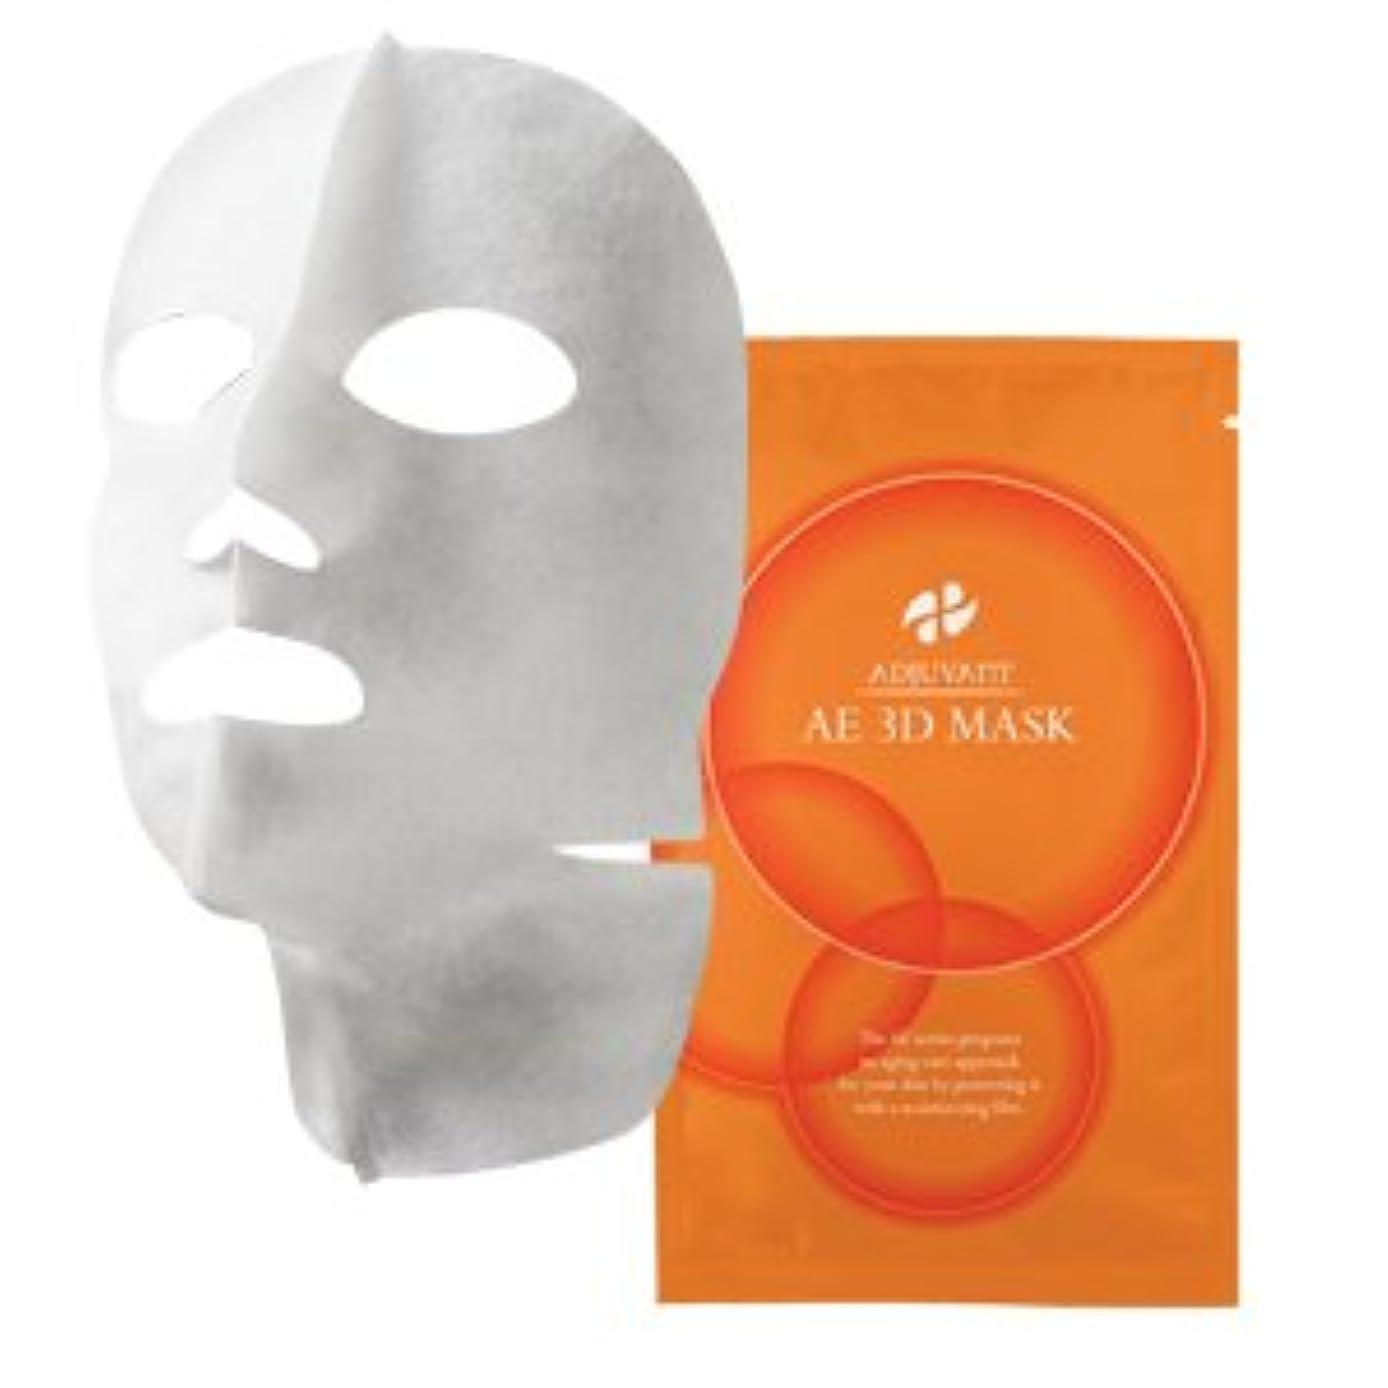 クレーン陰謀海賊アジュバン AE 3Dマスク 35ml×6枚入り<マスク>